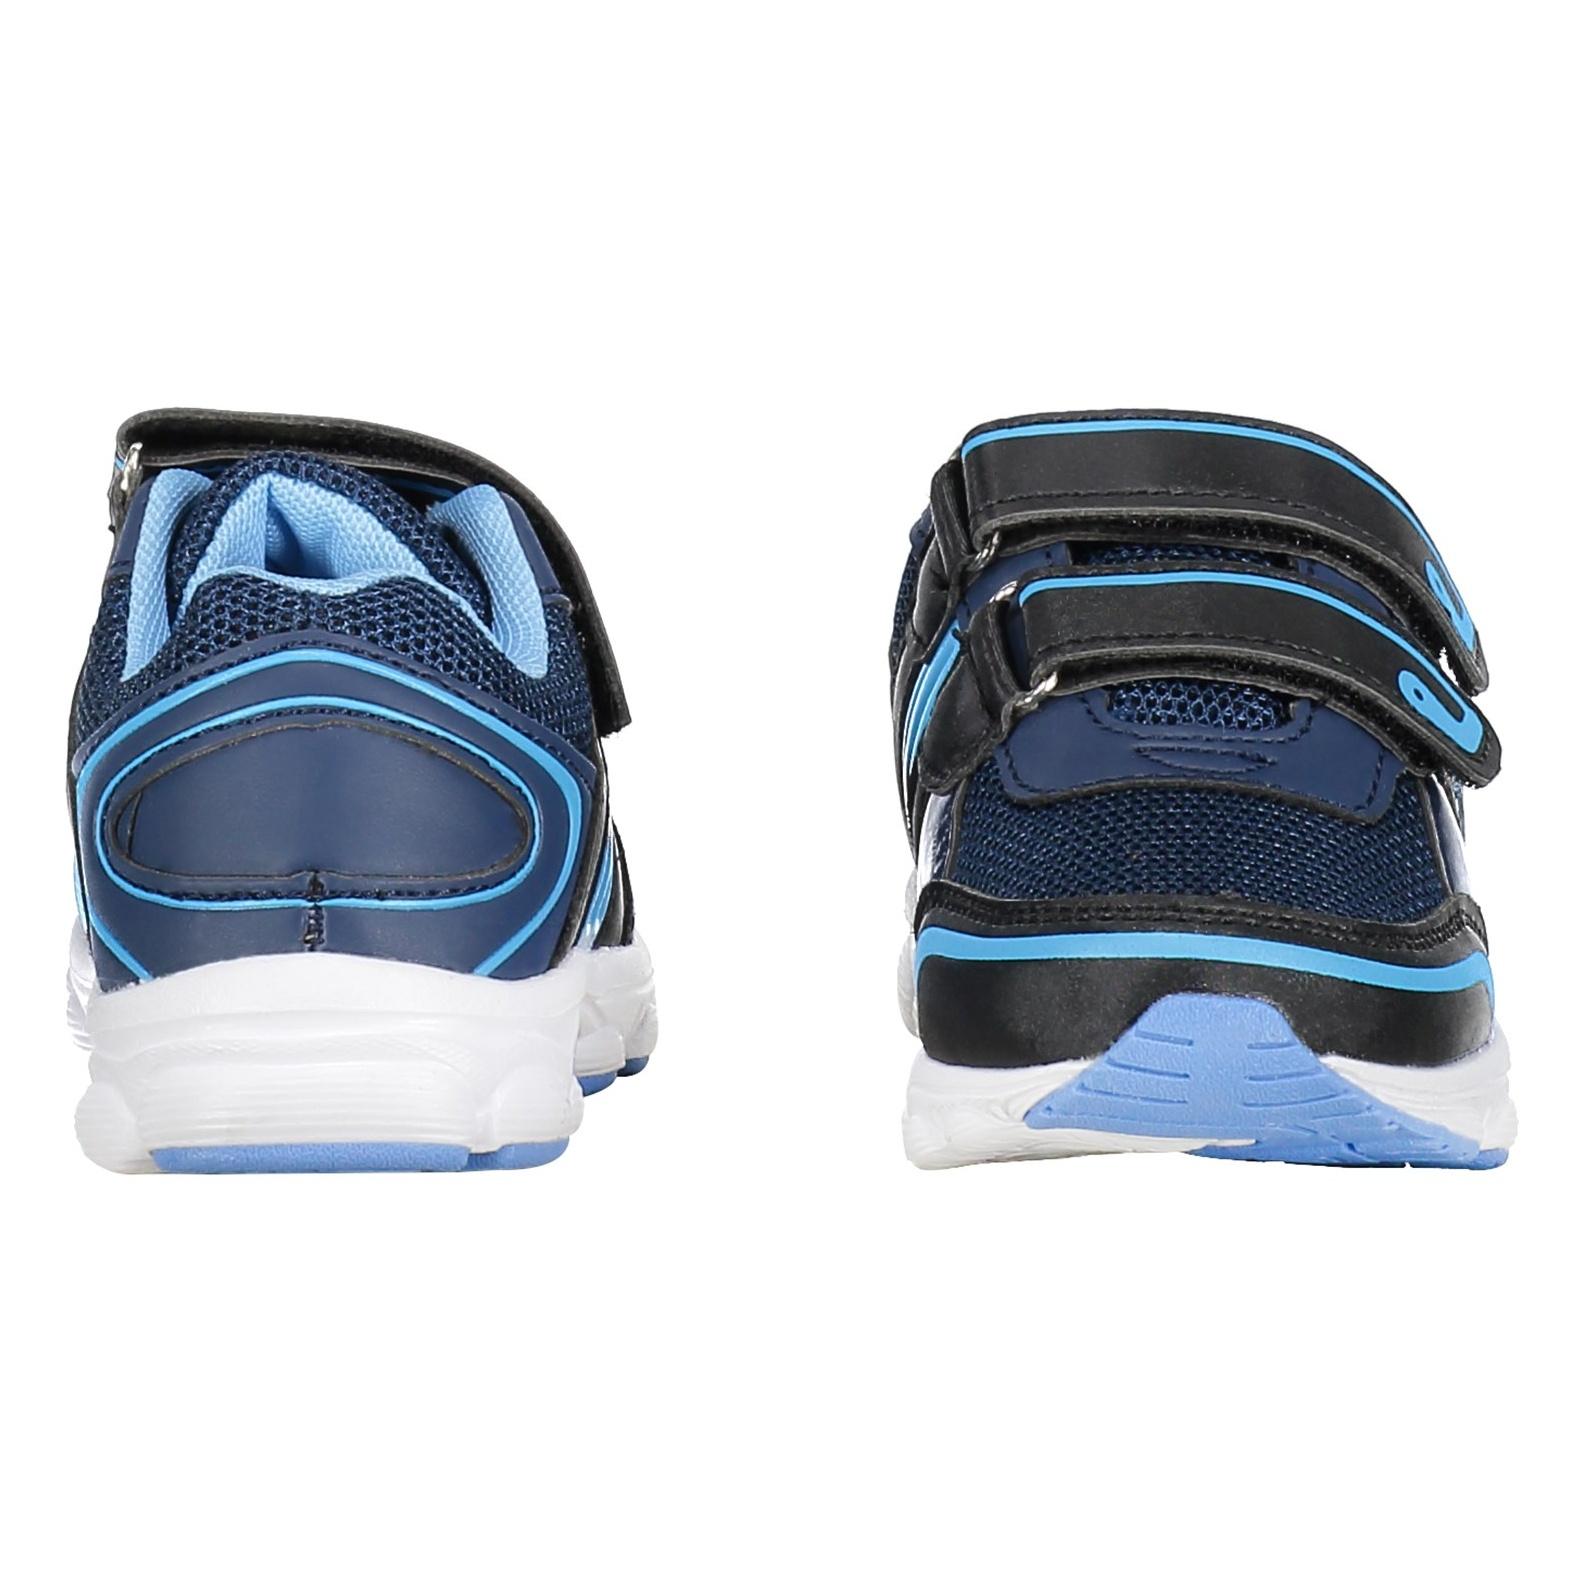 کفش ورزشی چسبی دخترانه - باتا - آبي  - 5